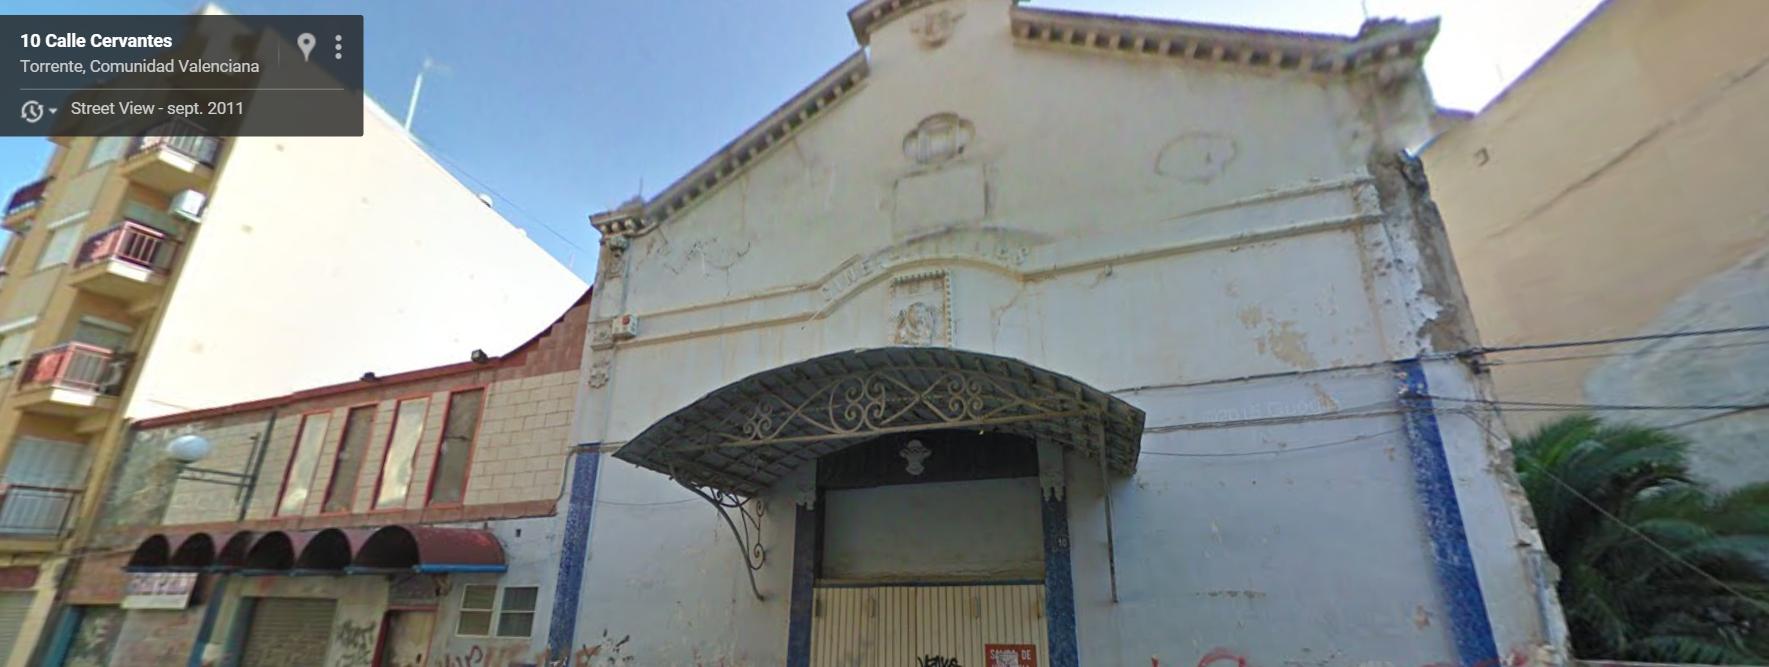 Fachada del Cervantes en la actualidad (de hace unos años, ahora está más ruinosa si cabe). Fuente: Google Street View.